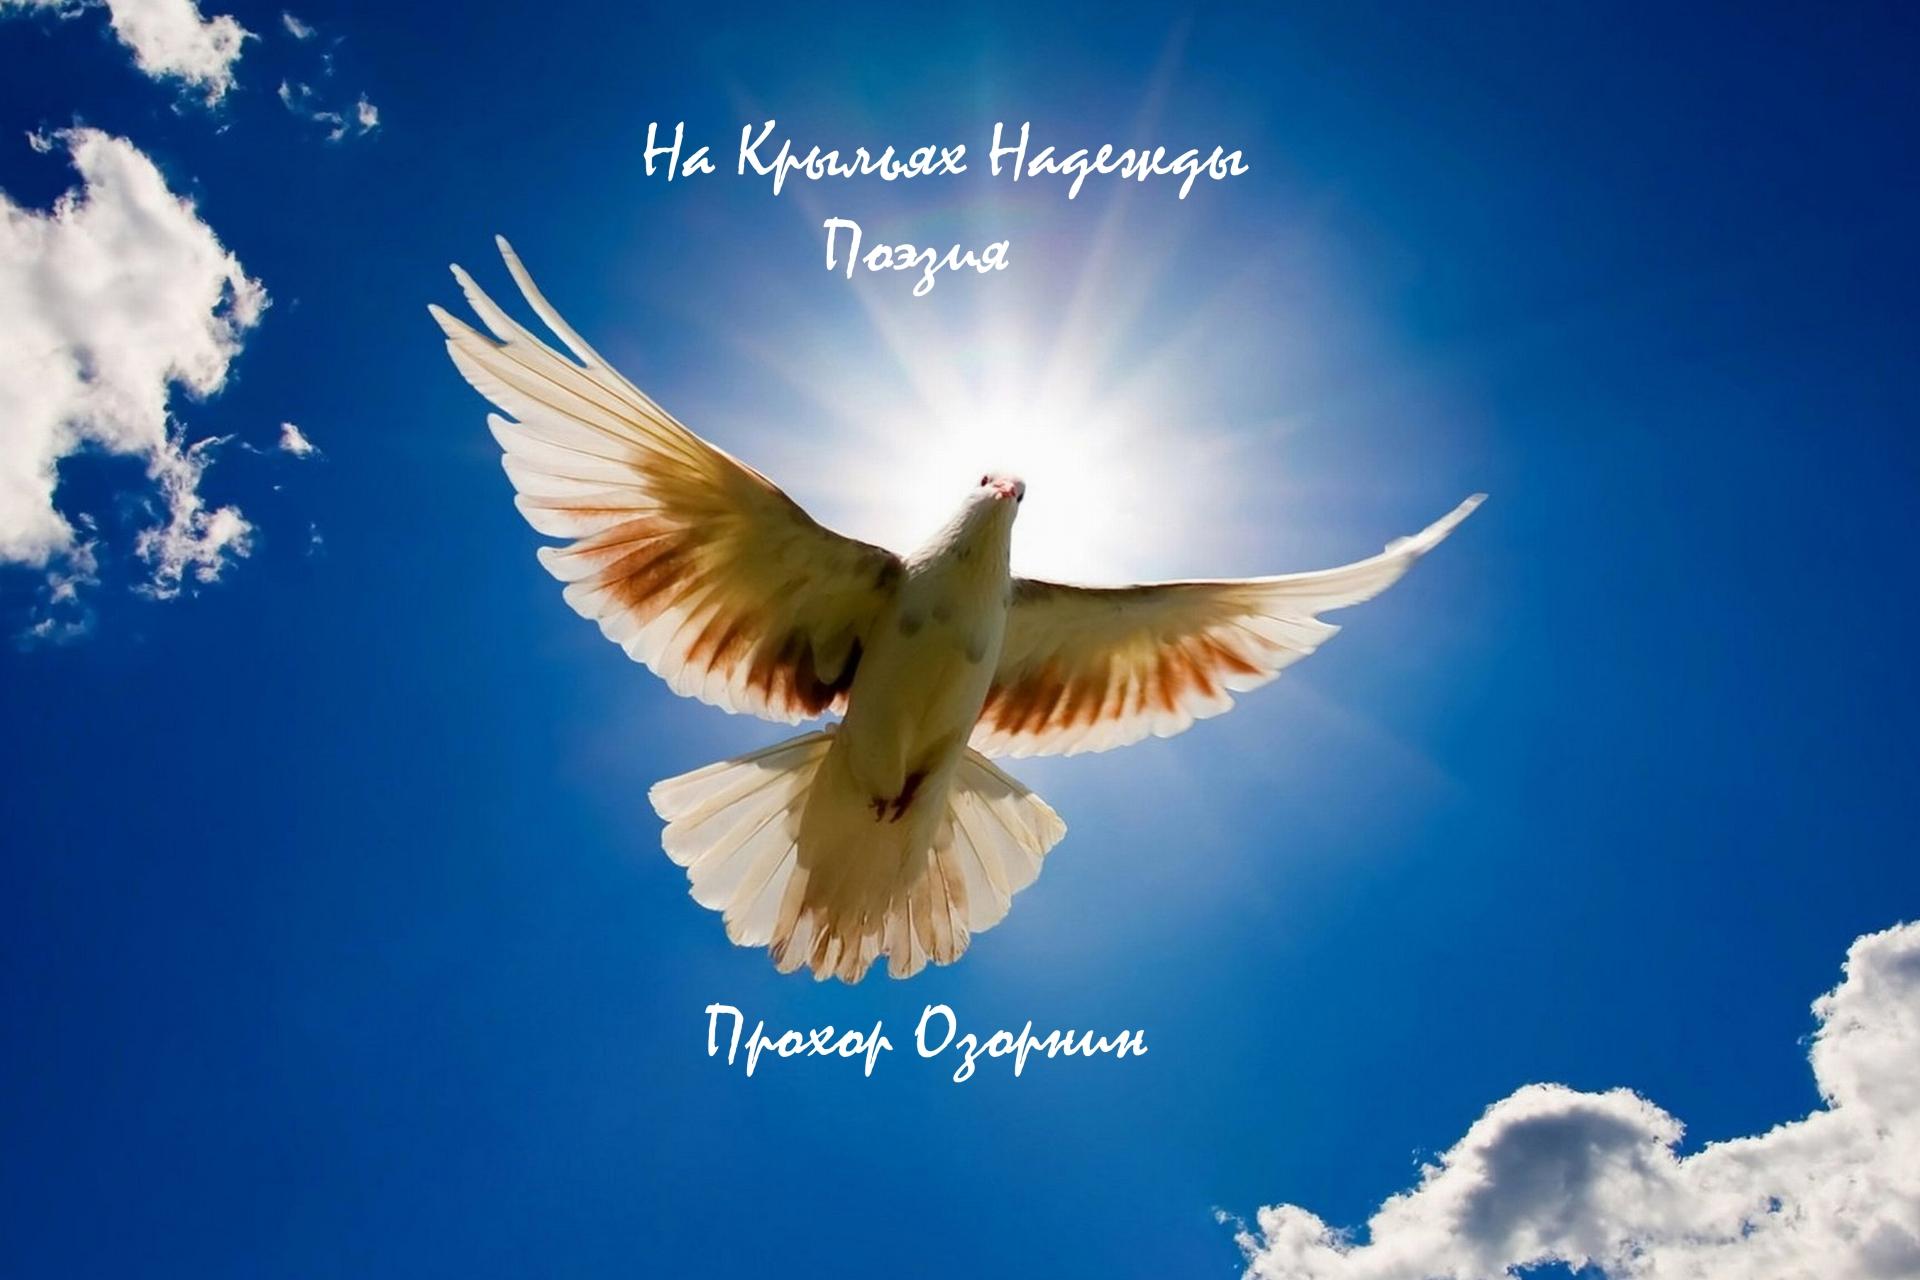 Прохор Озорнин: На Крыльях Надежды. Поэзия